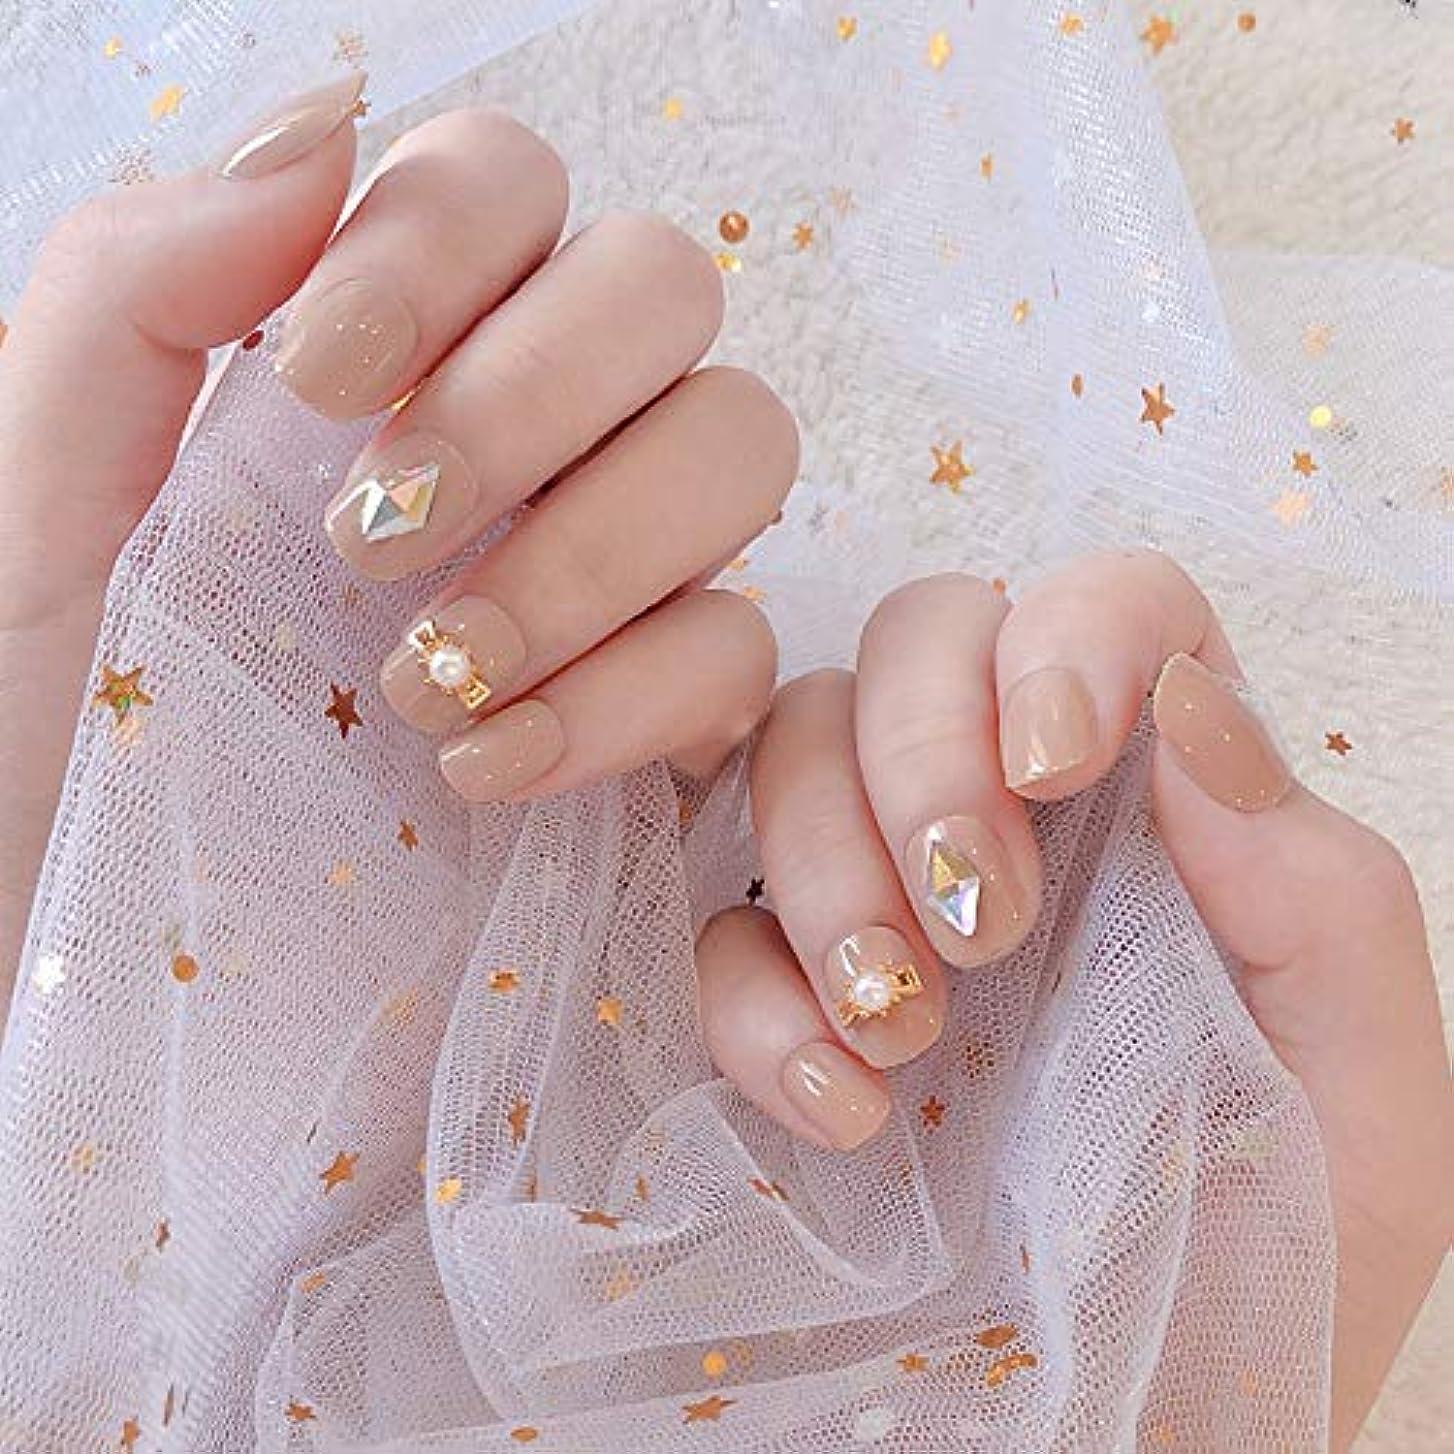 リズミカルな印刷する東部XUTXZKA 光沢のあるダイヤモンド花嫁ネイルアートグリッド花ネイルステッカーショートフルカバー偽の爪